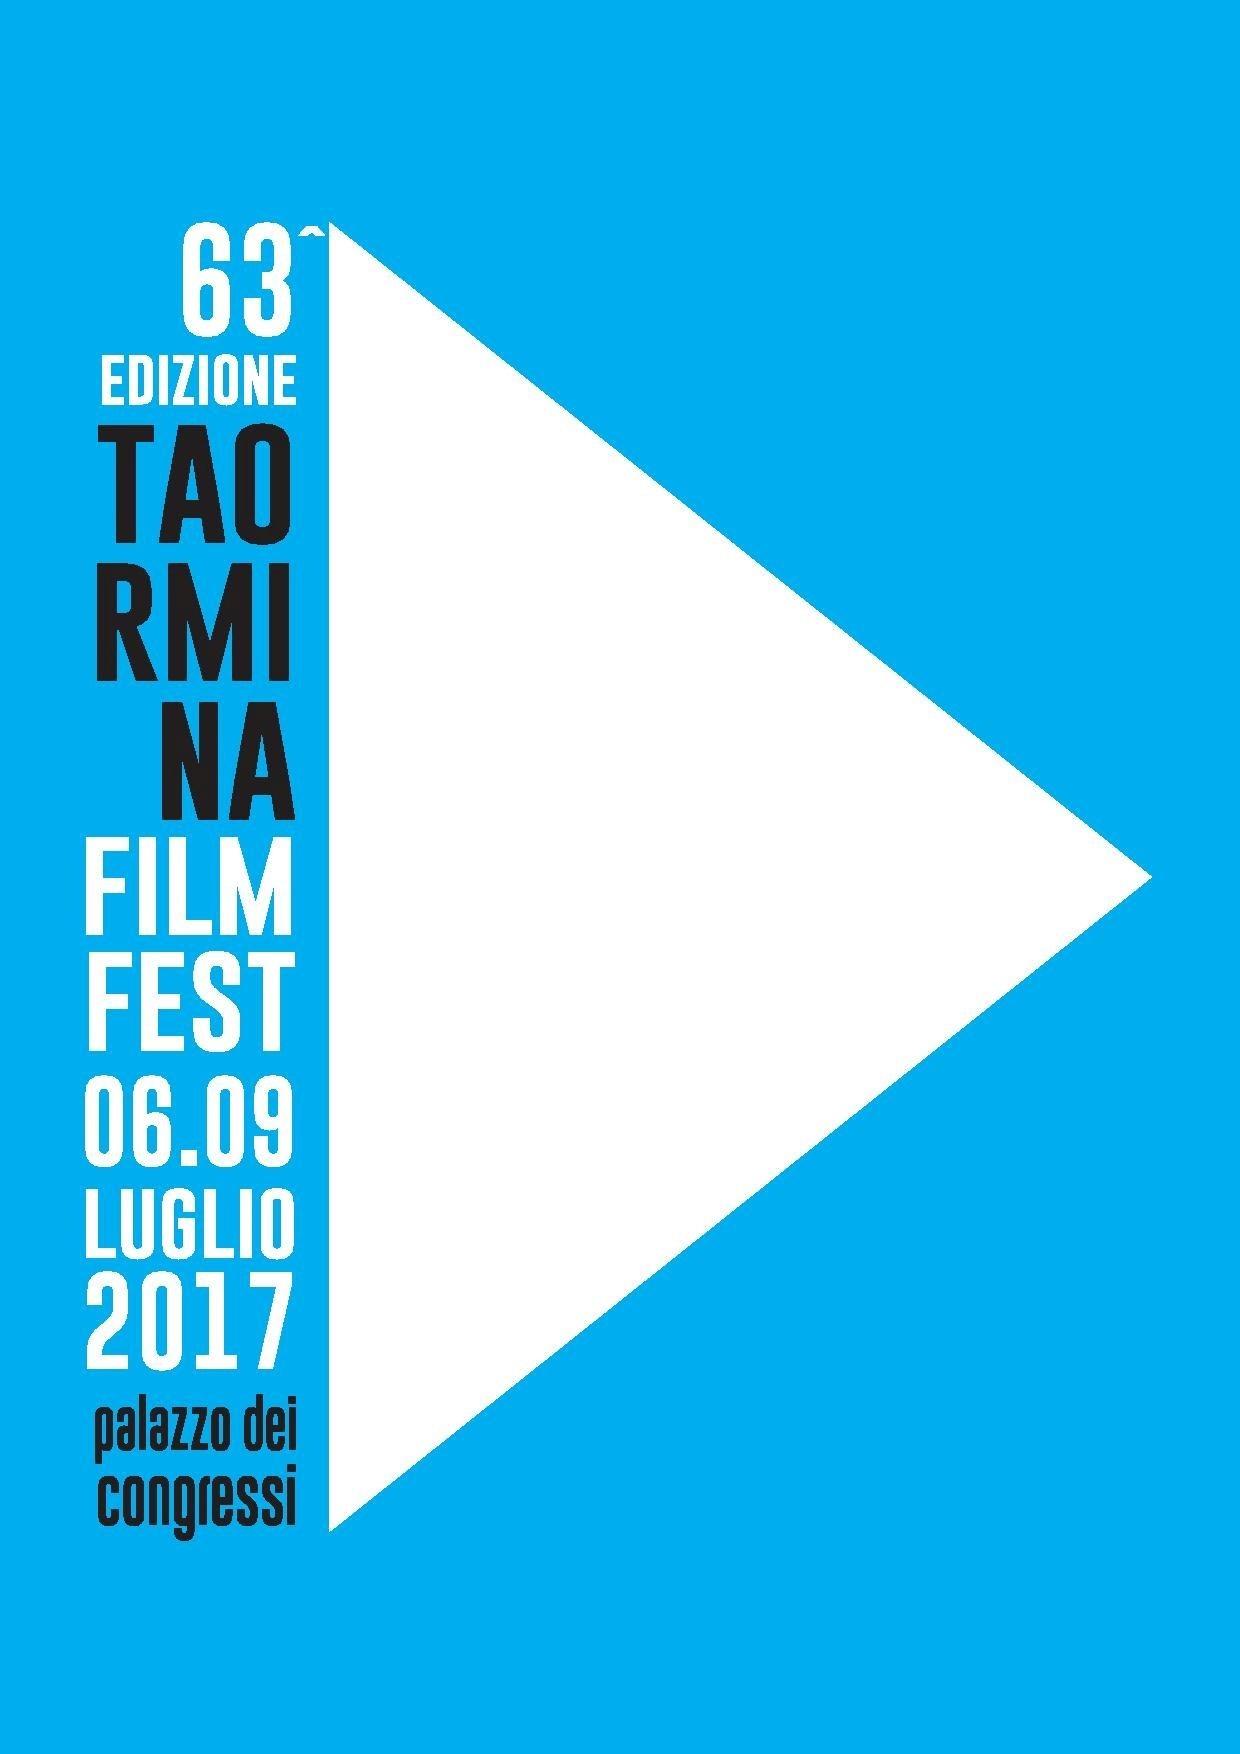 Immagine di Al via la 63^ edizione del Taormina Film Fest